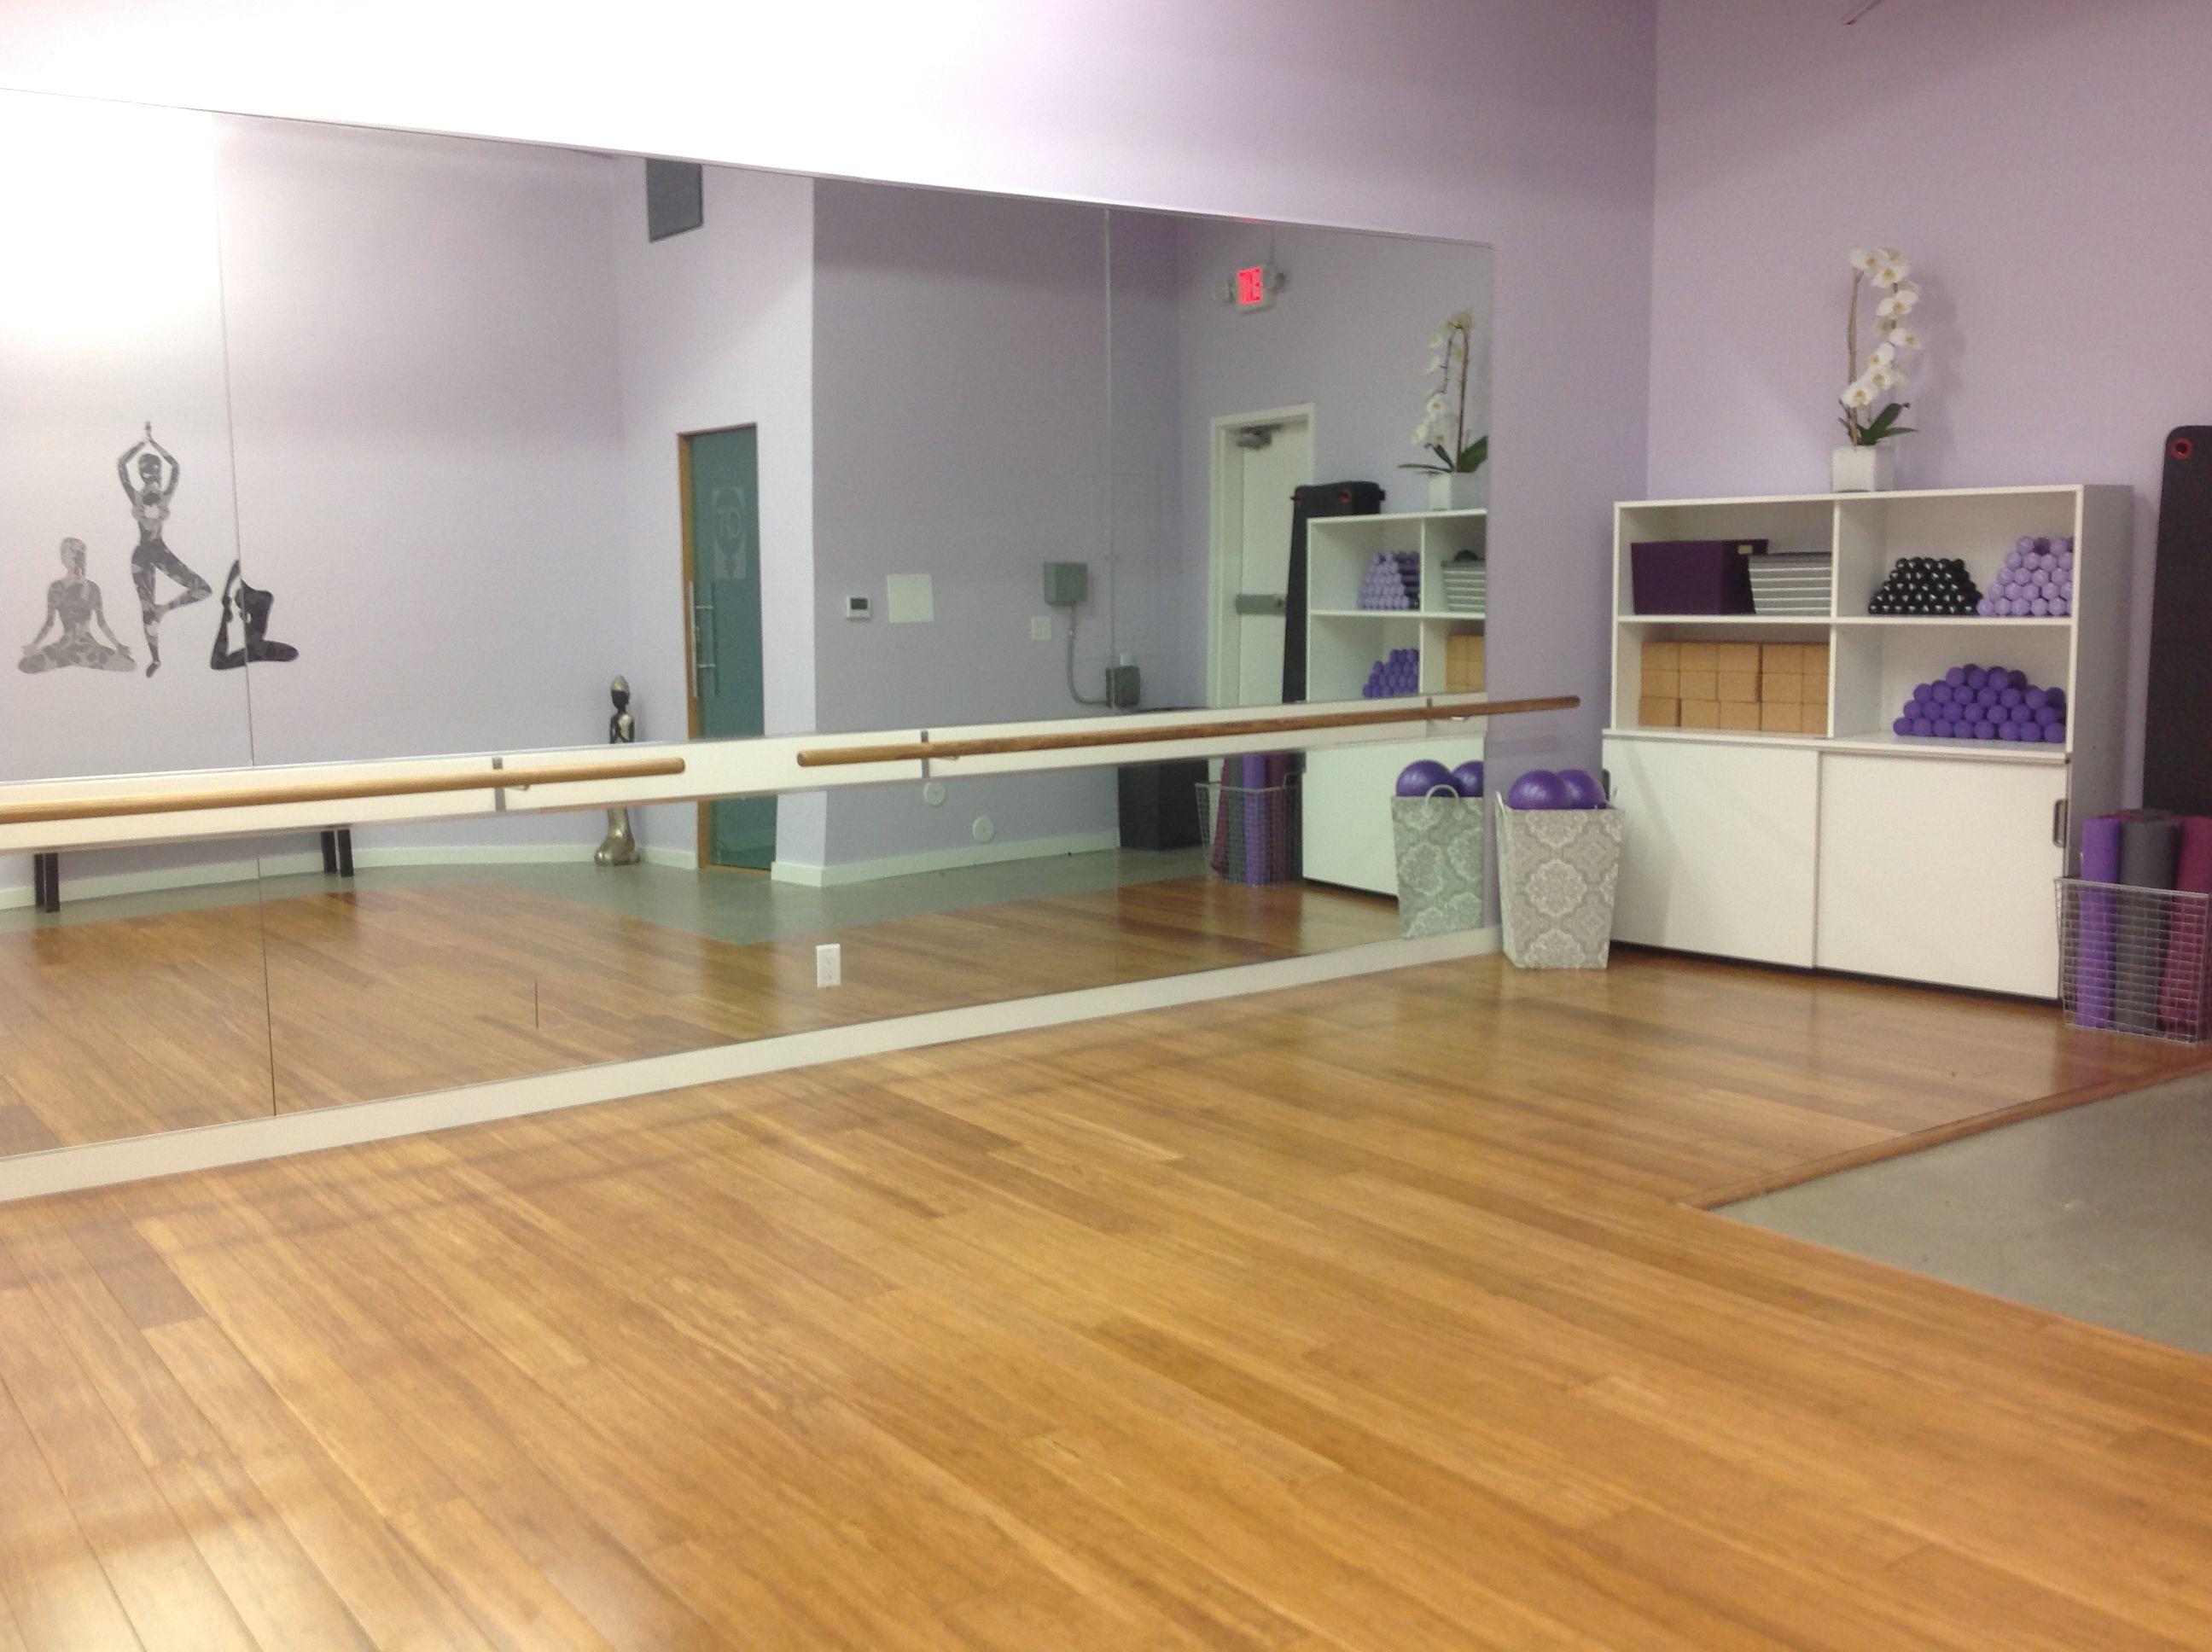 Rooms: Yoga & Barre Room, Alvas Ballet Barres And Fixed Wall